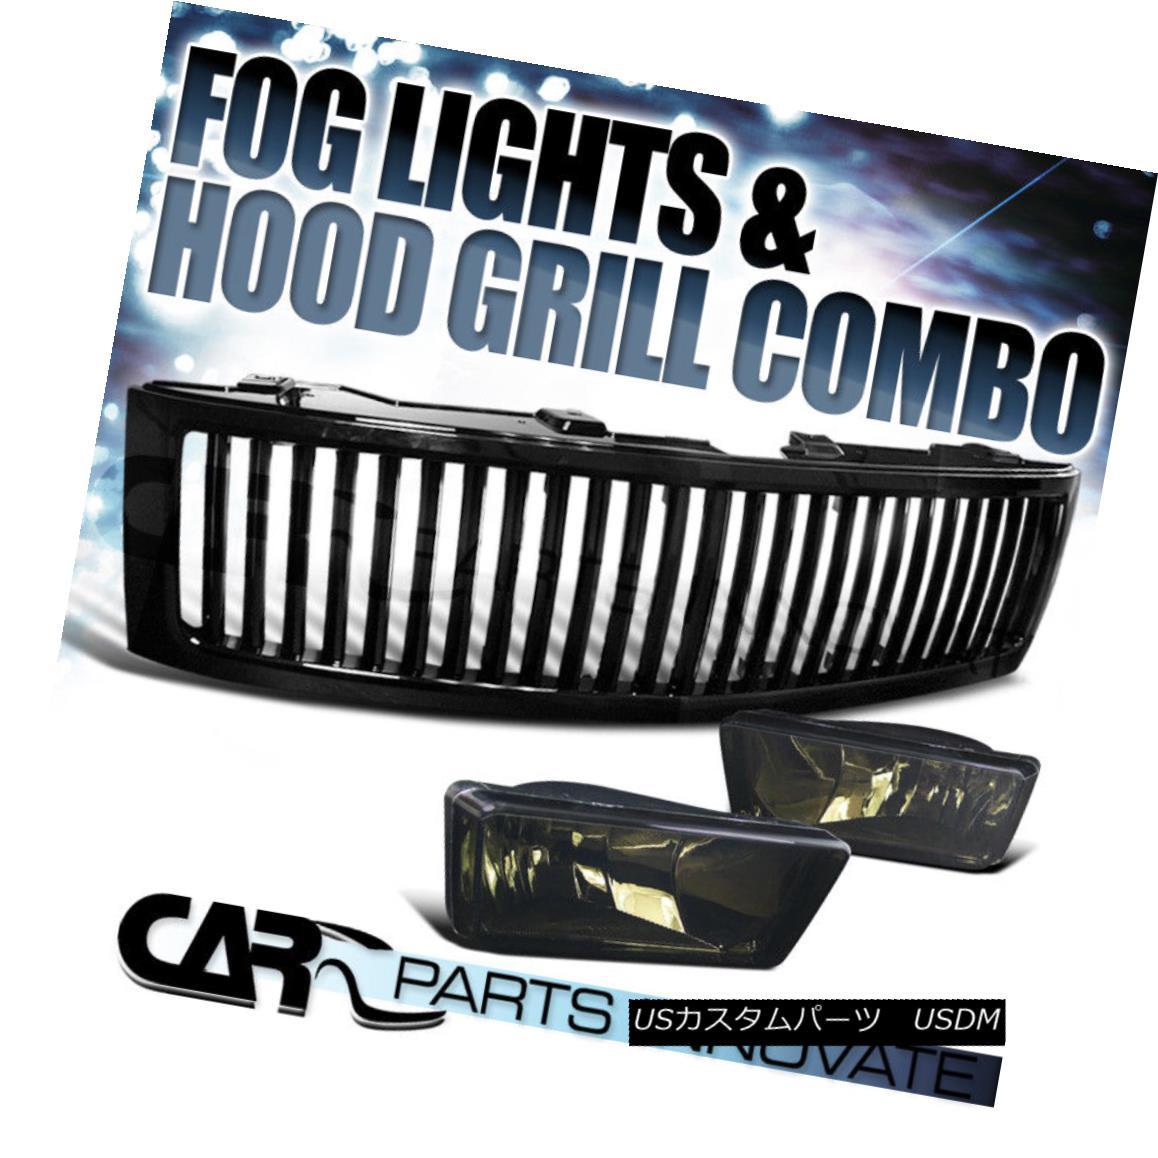 グリル 07-13 Chevy Silverado 1500 Smoke Fog Lights Driving Bumper Lamp+Black Grille 07-13 Chevy Silverado 1500スモークフォグライティングバンパーランプ+ブラックグリル